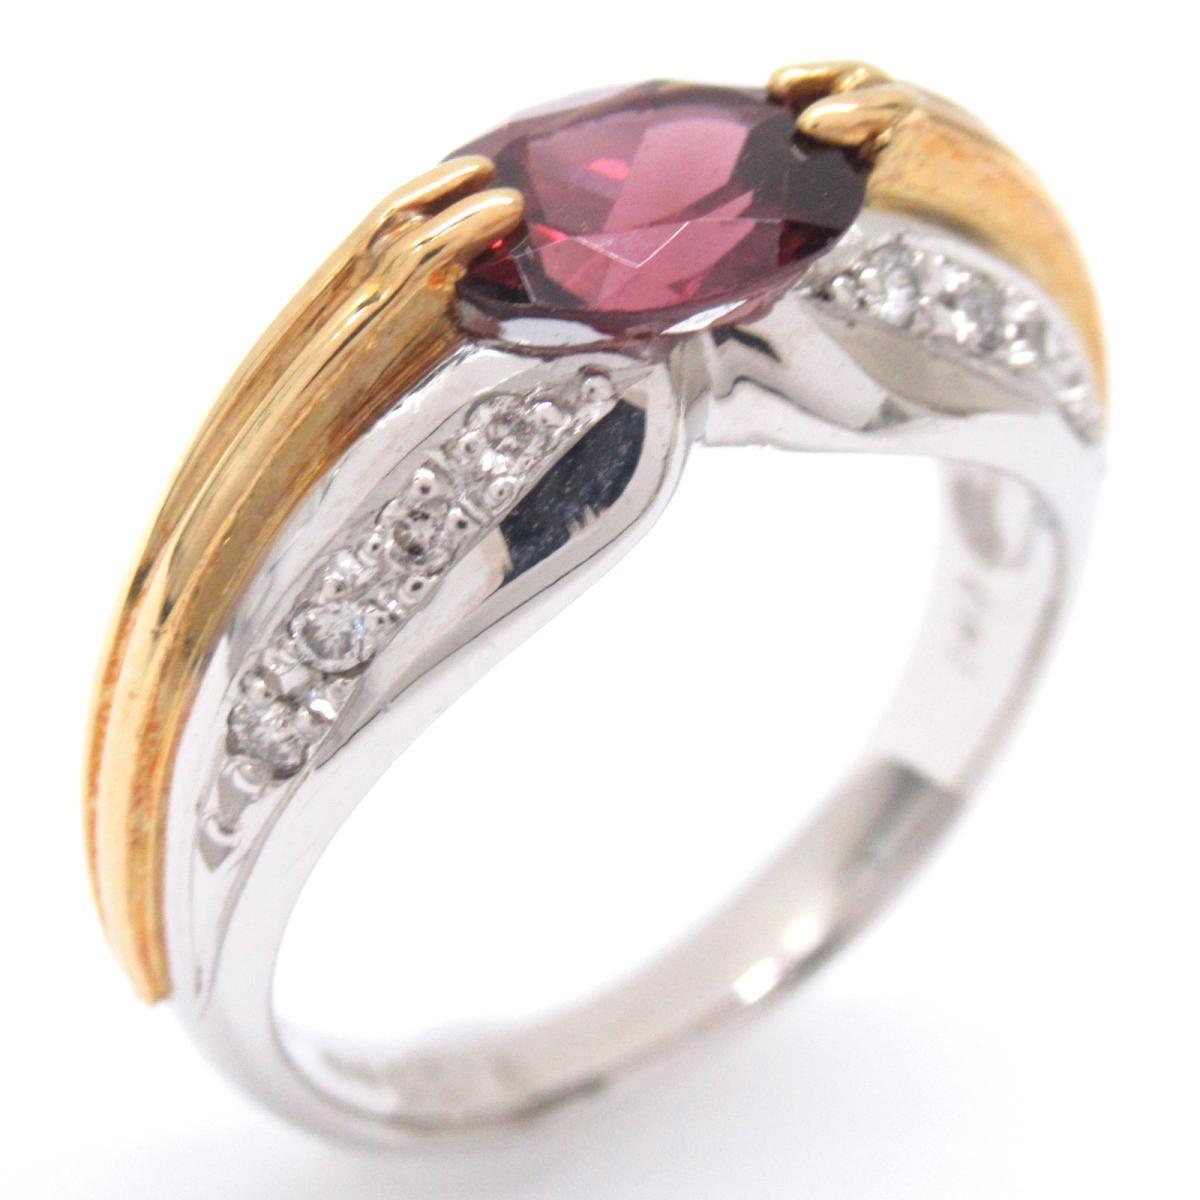 ジュエリー ロードライトガーネットリング 指輪 ノーブランドジュエリー レディース K18YG (750) イエローゴールドxPT900プラチナxロードライトガーネット1.4ctxダイヤモンド 【中古】 | ブランド